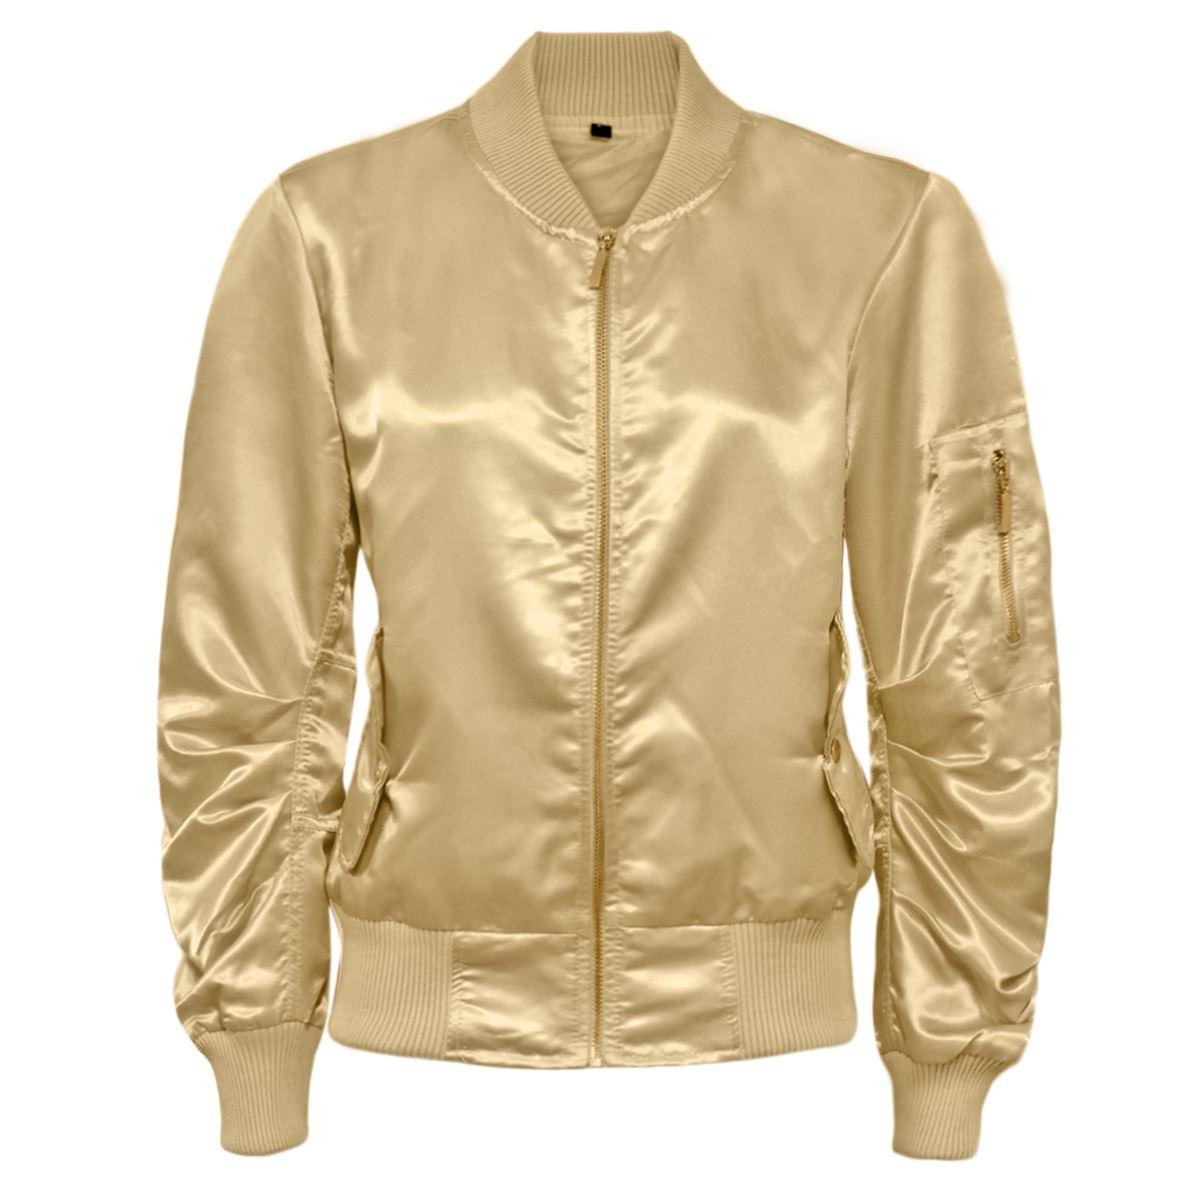 Apr 17, · best summer jackets for women summer jackets women summer jackets summer jackets women Music by Dan-O at autoebookj1.ga